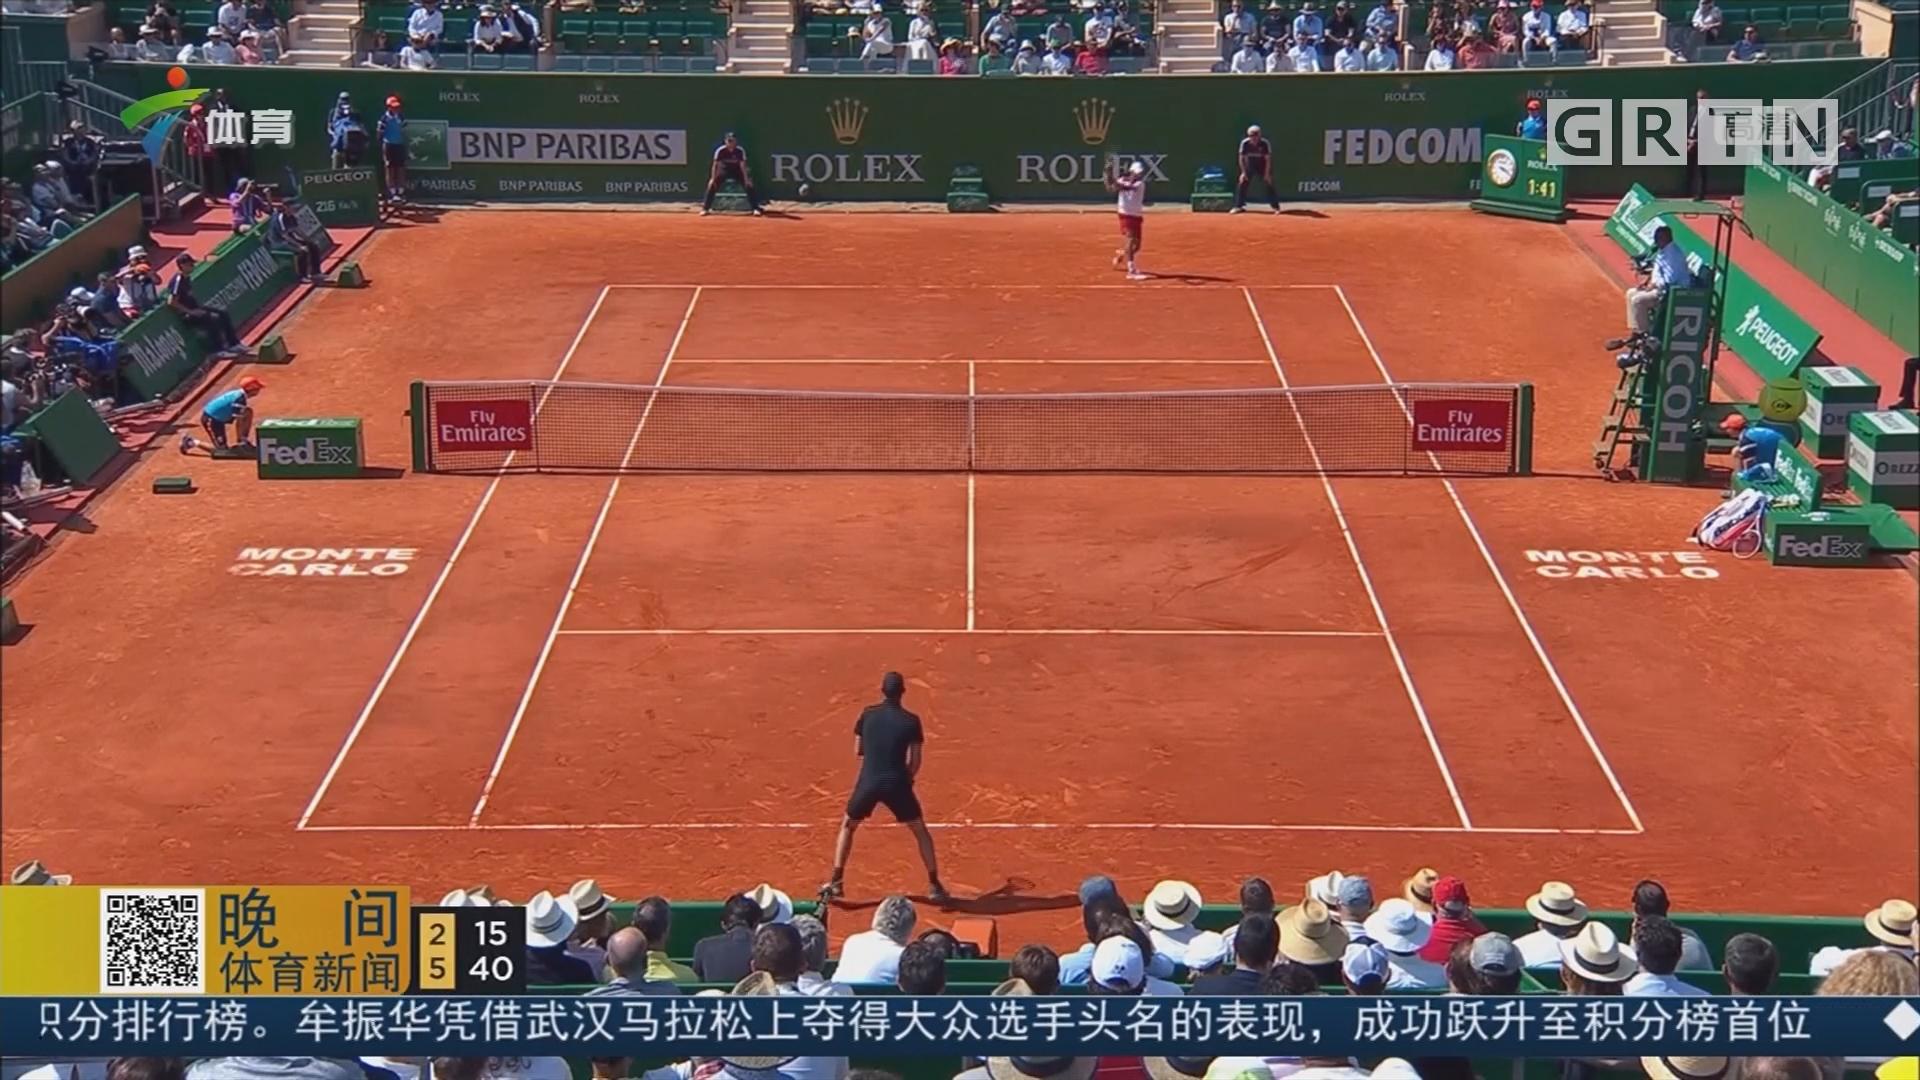 ATP蒙特卡洛大师赛 蒂姆击败小德 将战纳达尔